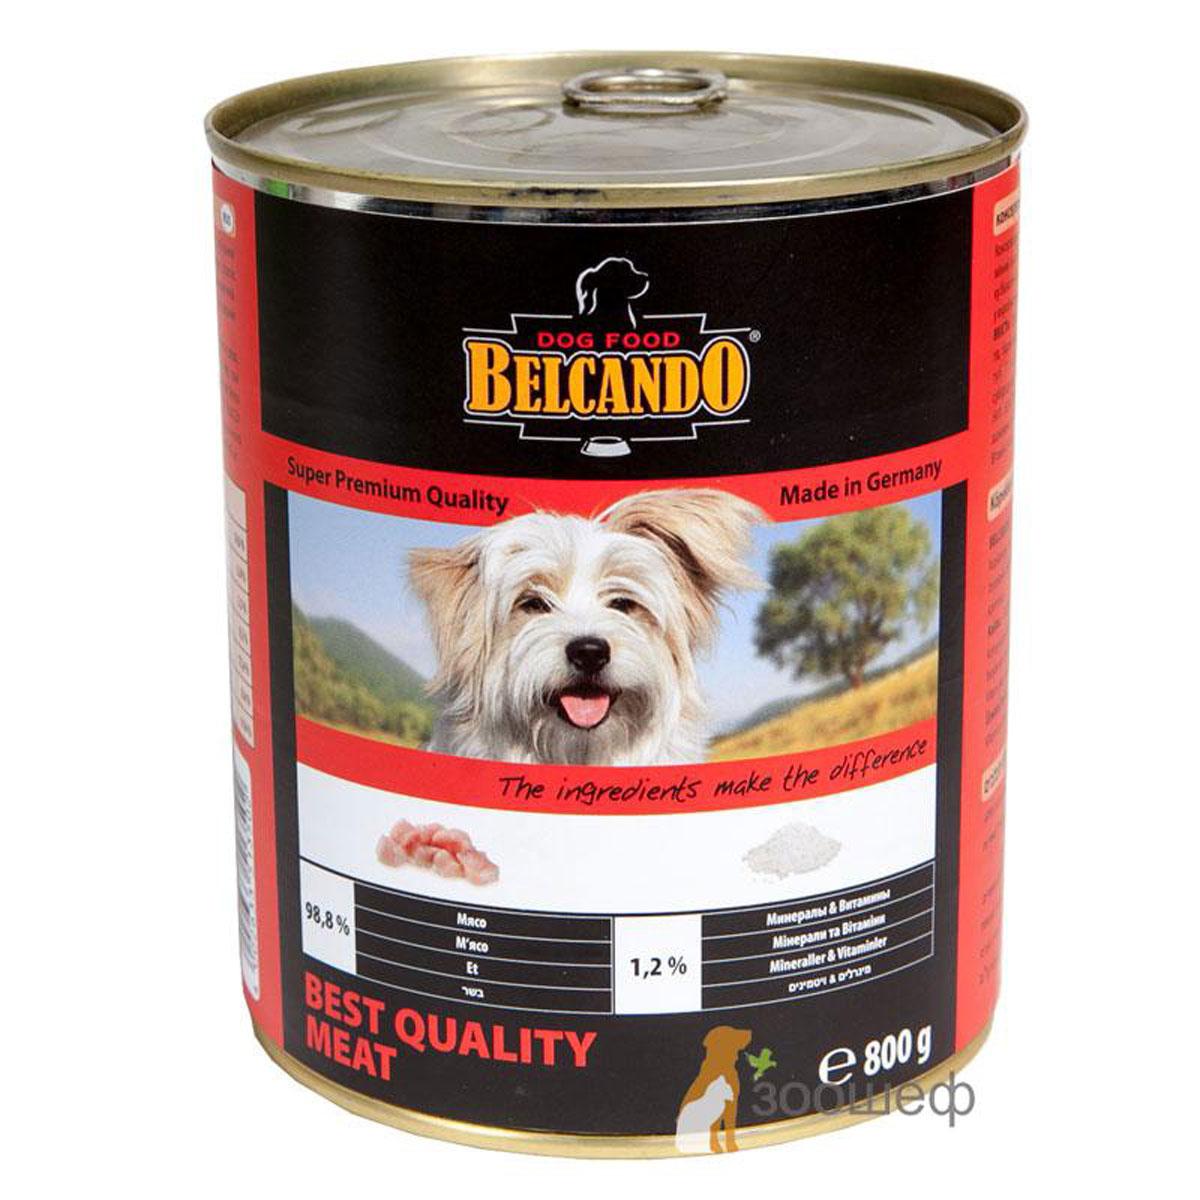 Консервы для собак Belcando, с отборным мясом, 800 г консервы для собак belcando с отборным мясом 800 г